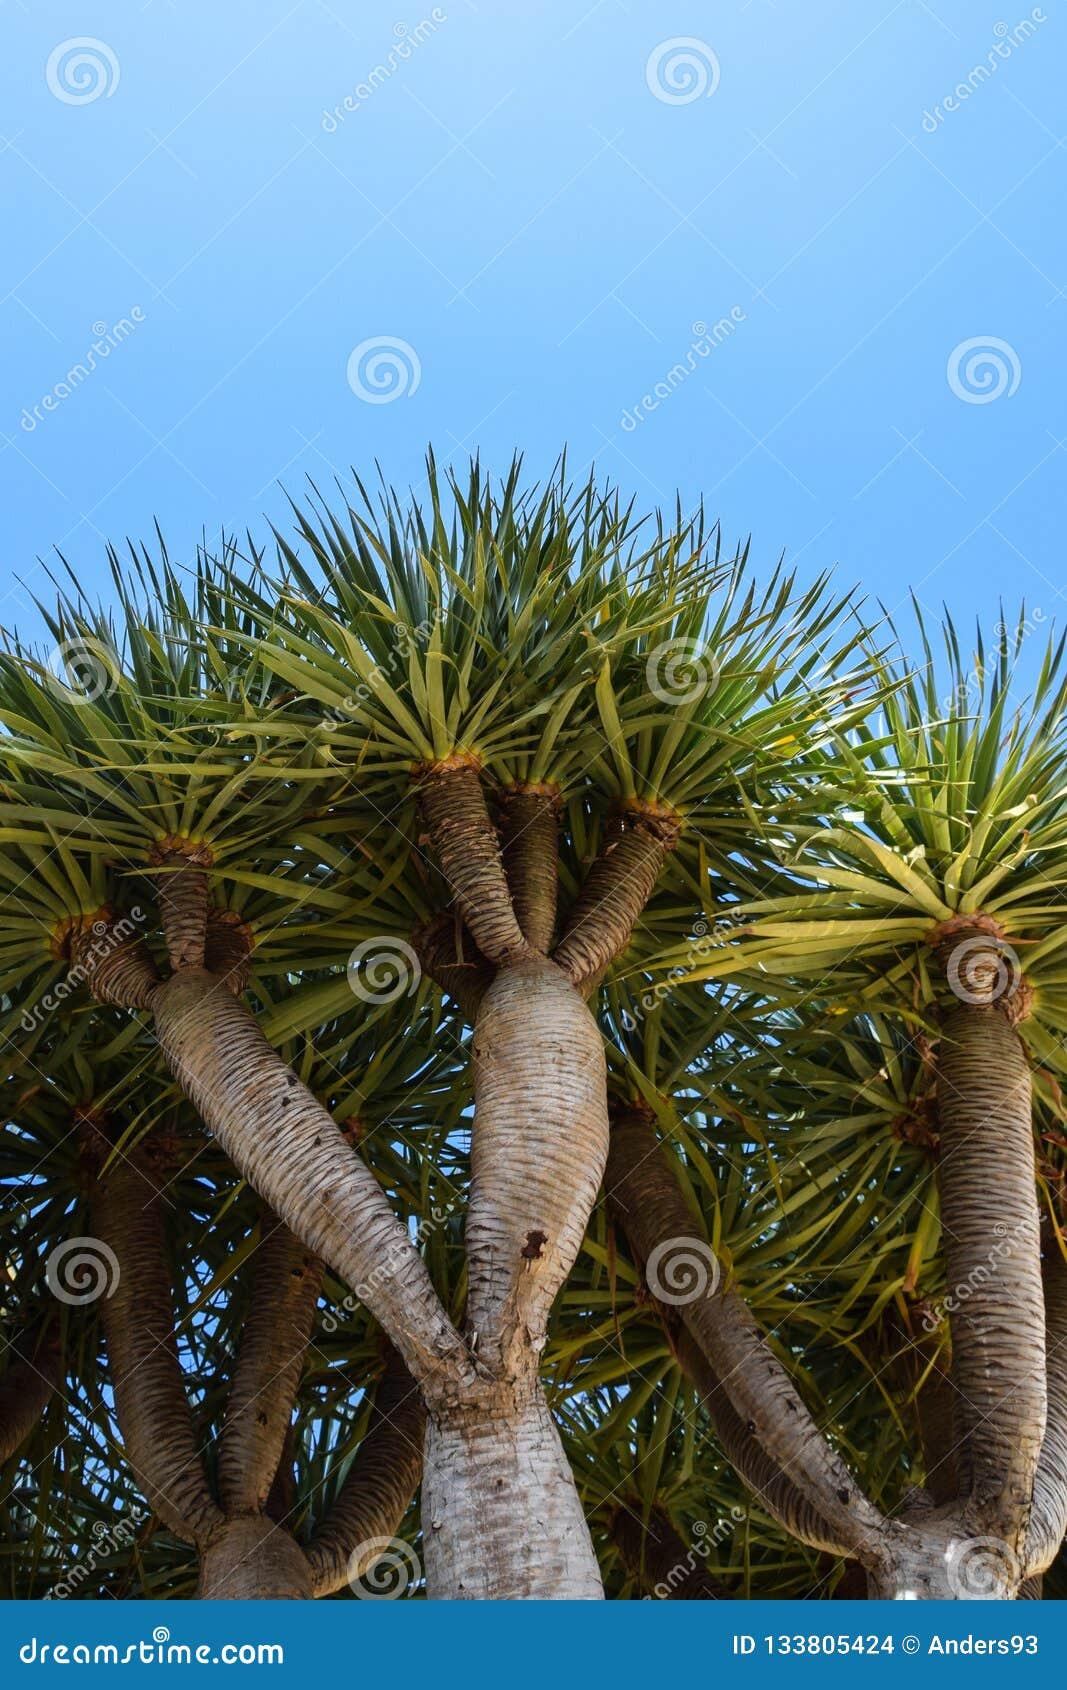 La vue d angle faible de Dragon Tree, Dragoeiro de Porto Santo, Madère a également trouvé au Cap Vert